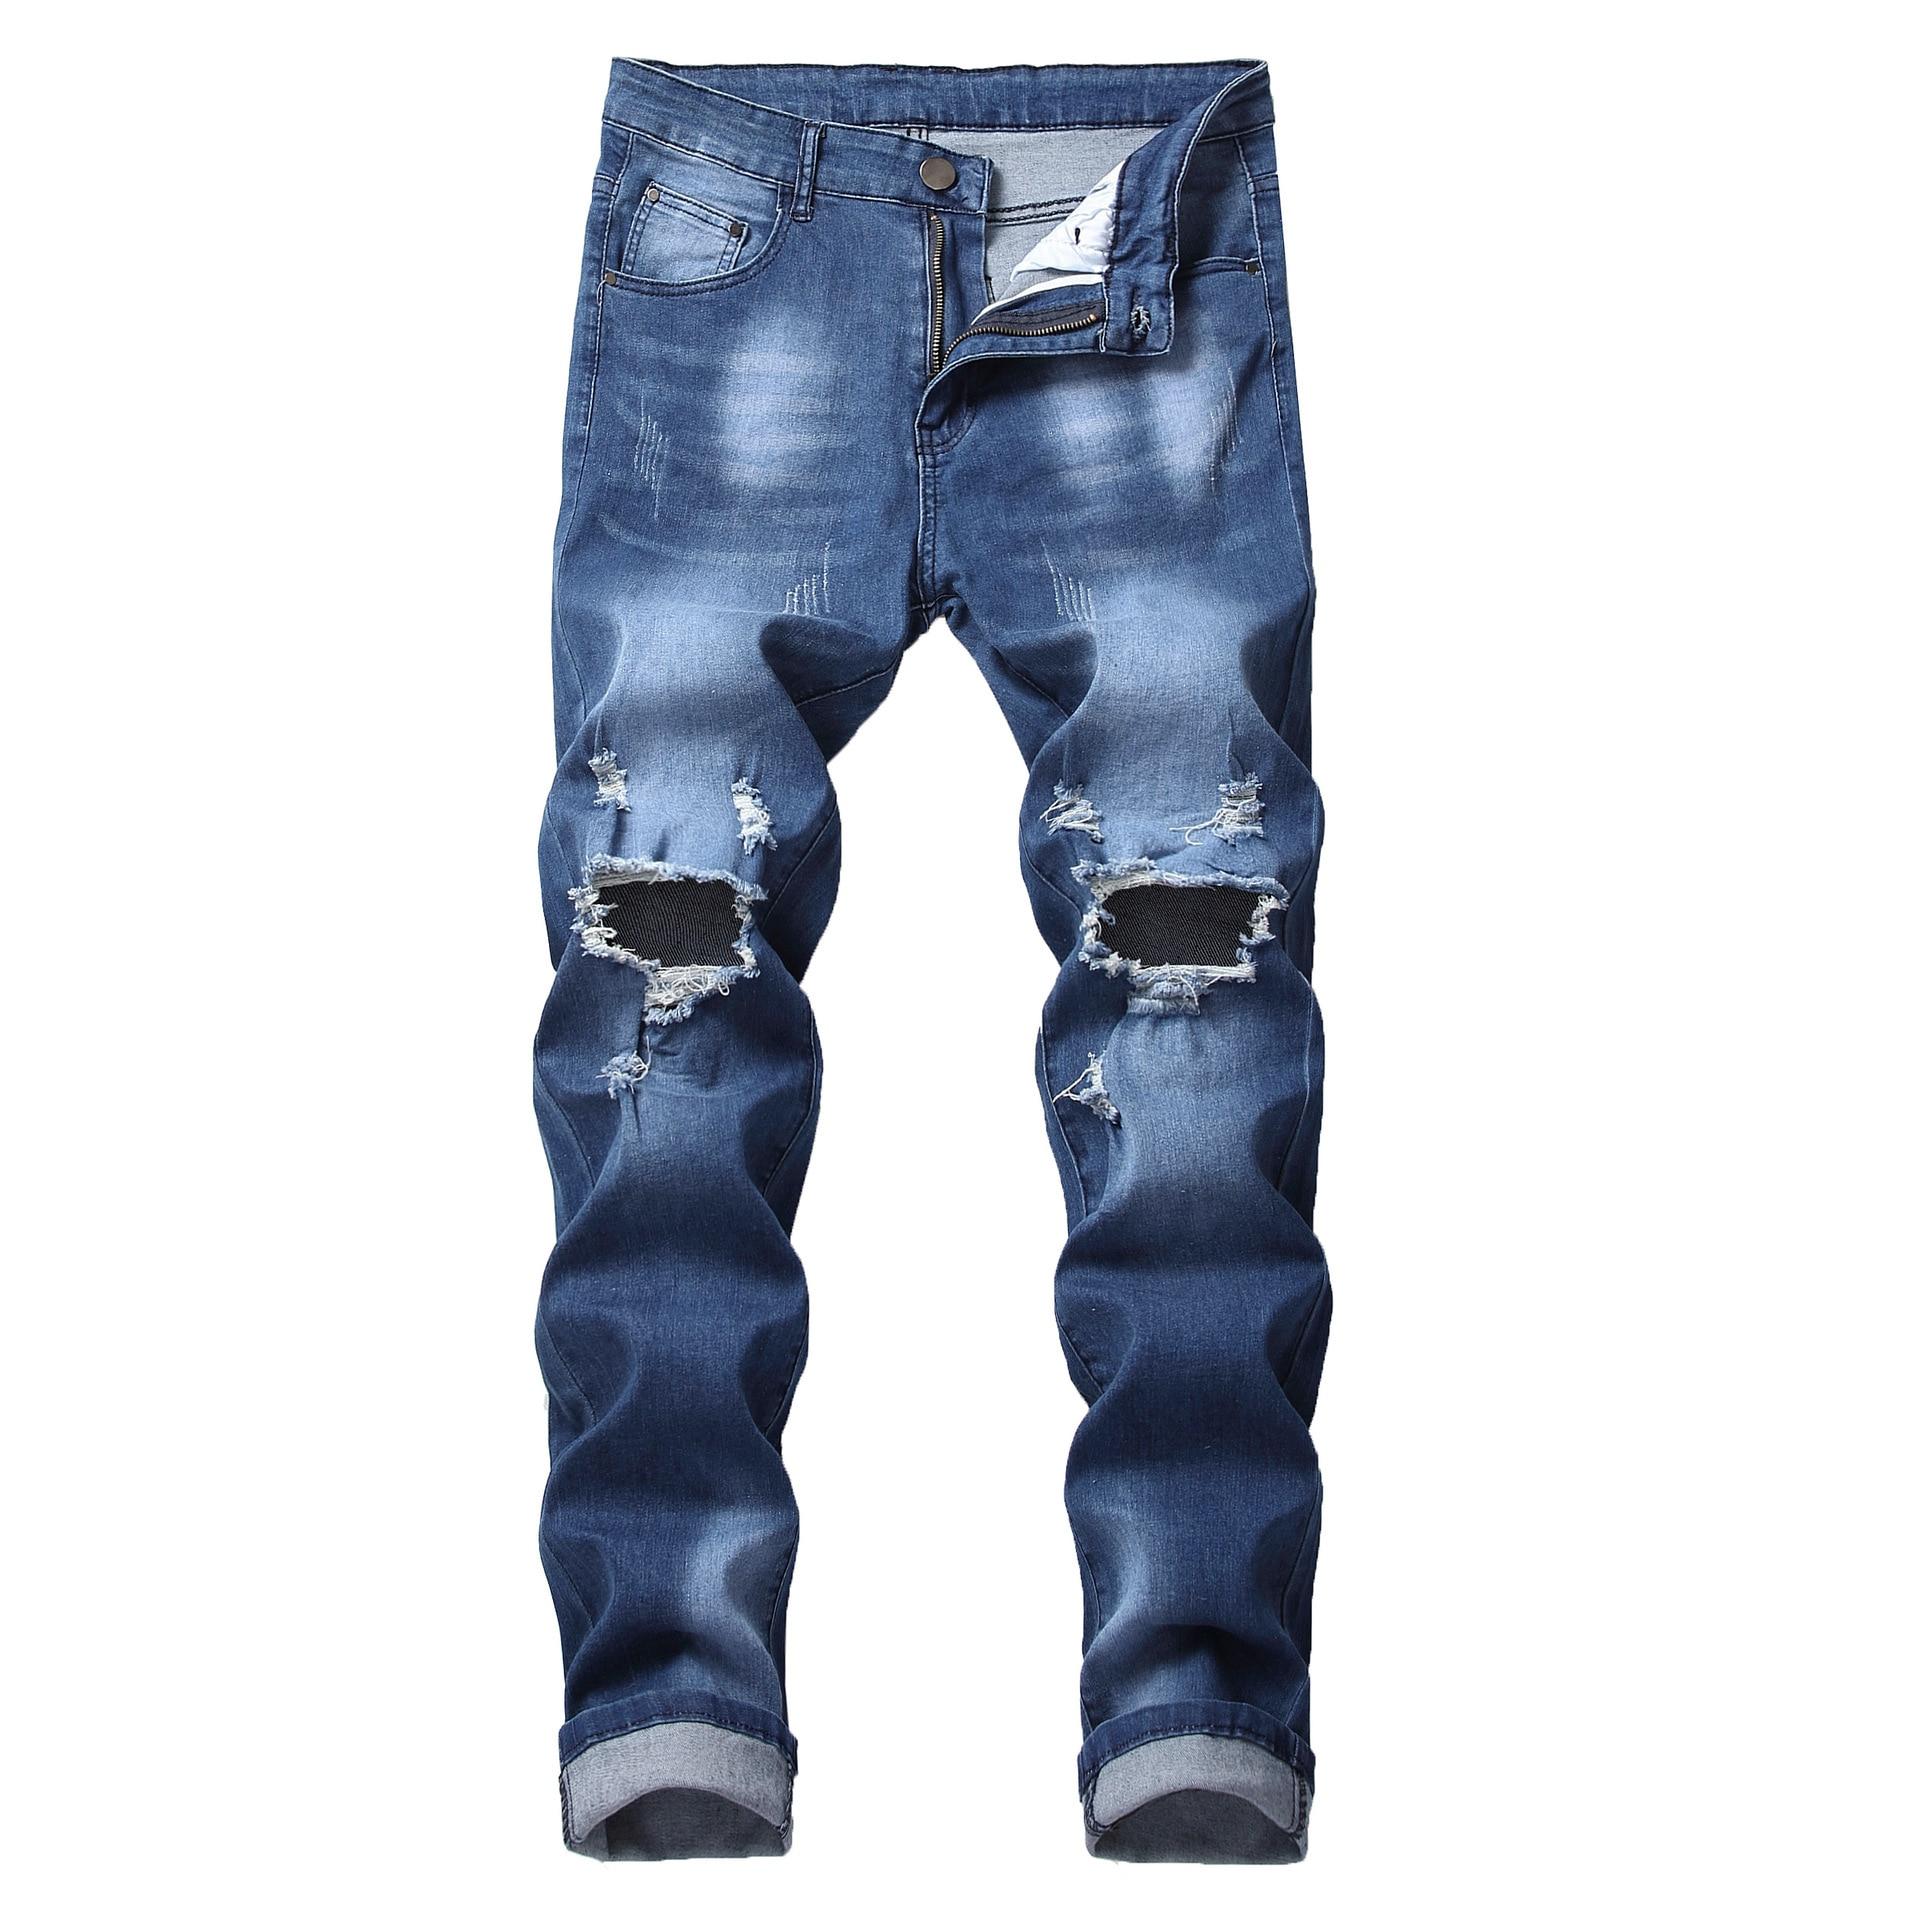 Calças de Brim dos homens do Vintage Dos Homens Motociclista Moto Slim Fit Impresso Slim Fit Stretchy Skinny Apertado Mais Jovens-Calças À Procura